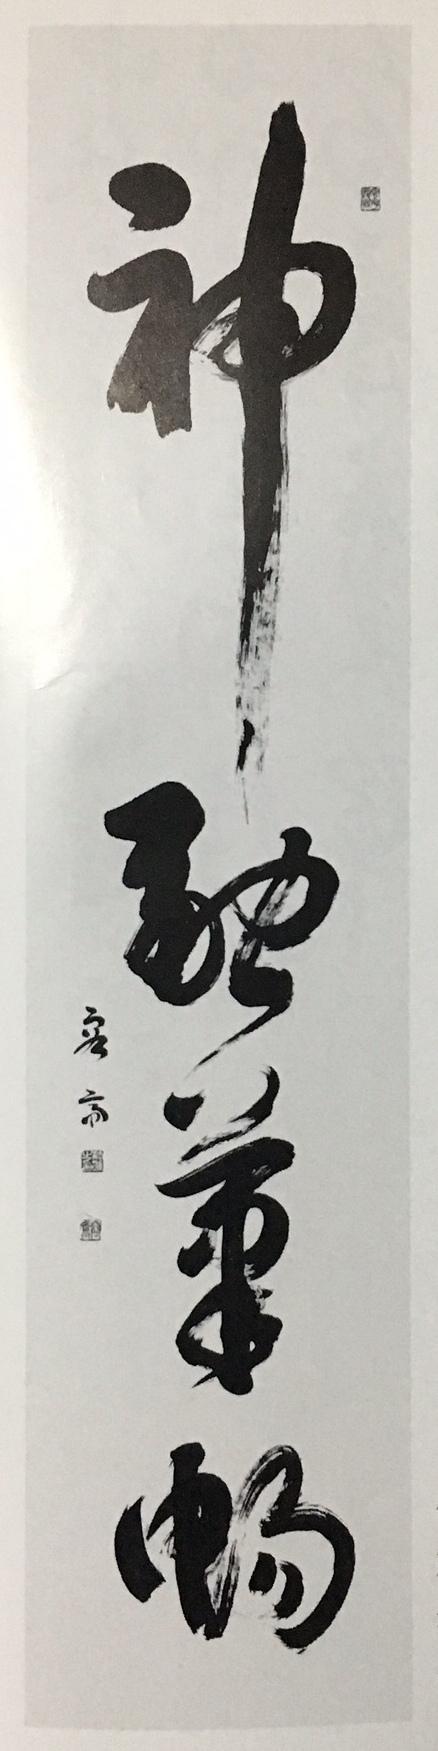 H29年12月 :全書芸展出品作品 「神融筆暢」240×60